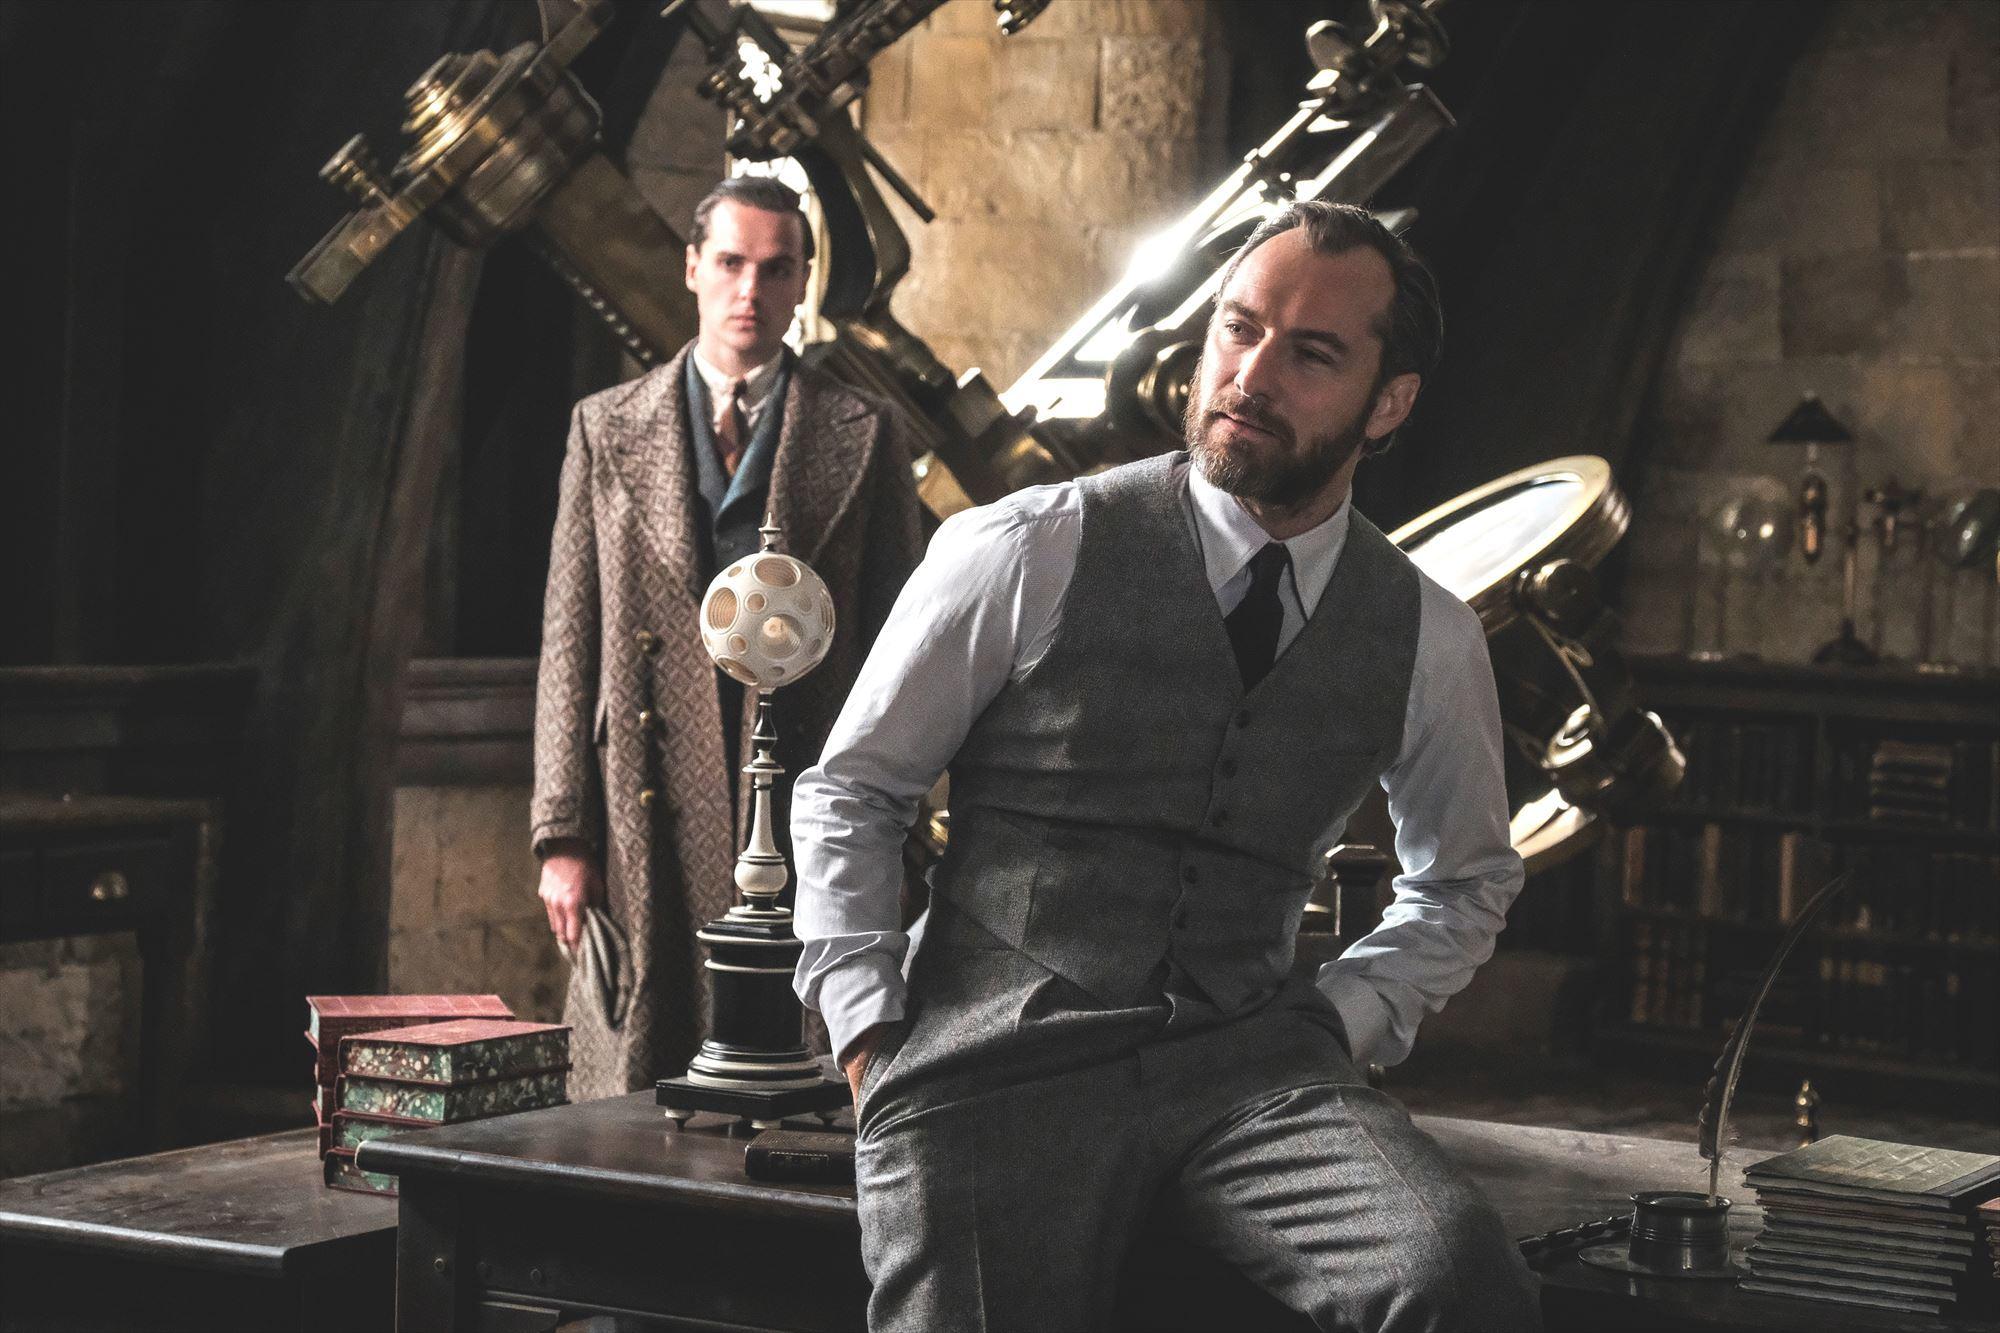 ジュード・ロウ演じるダンブルドア(右) (C)2018 Warner Bros. Ent.  All Rights Reserved. Harry Potter and Fantastic Beasts Publishing Rights (C)J.K.R.